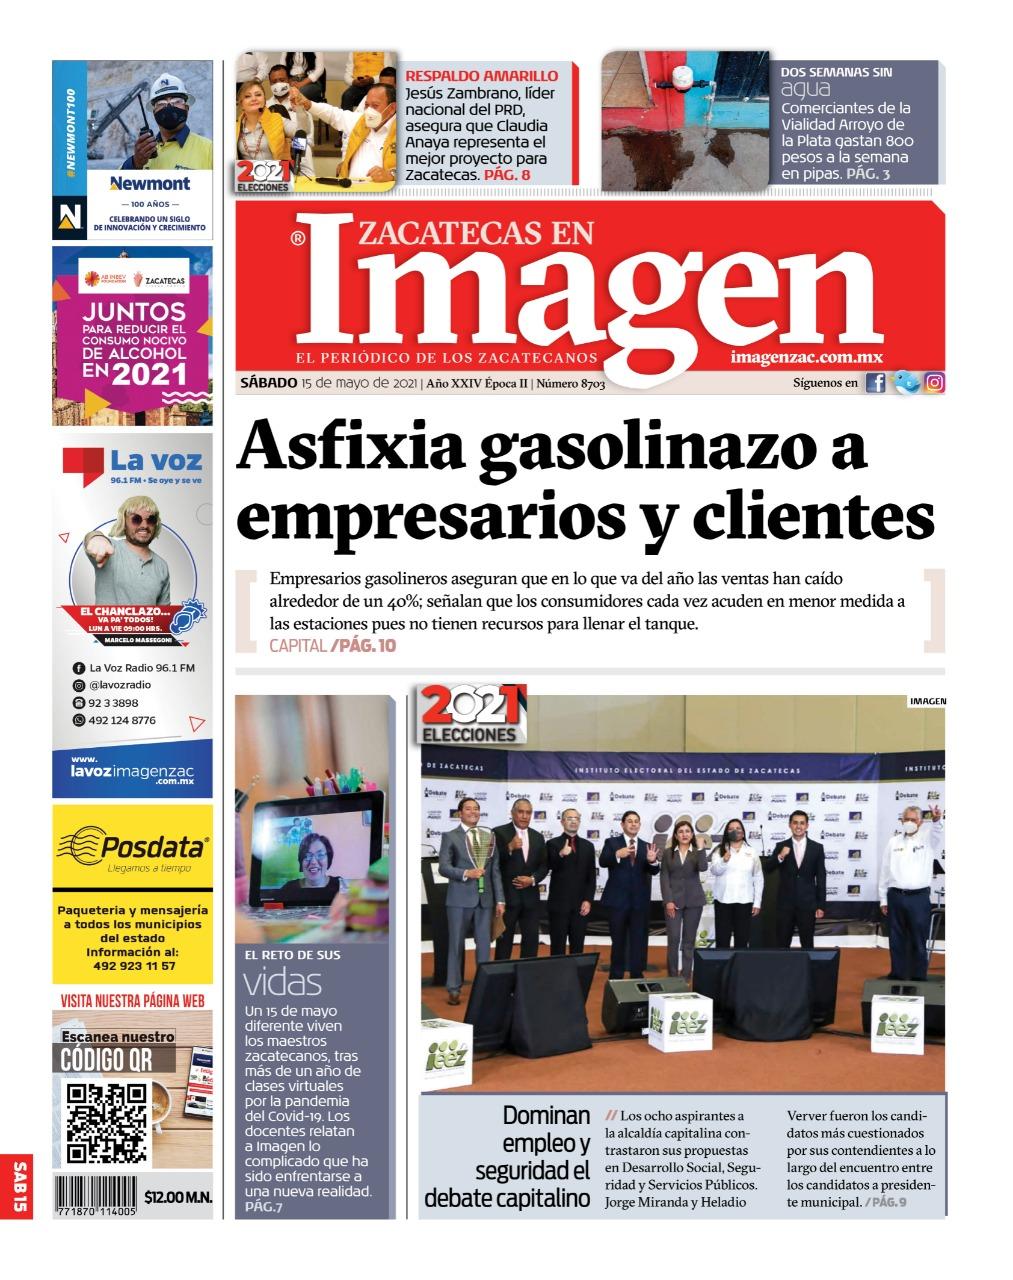 Imagen Zacatecas edición del 15 de mayo de 2021